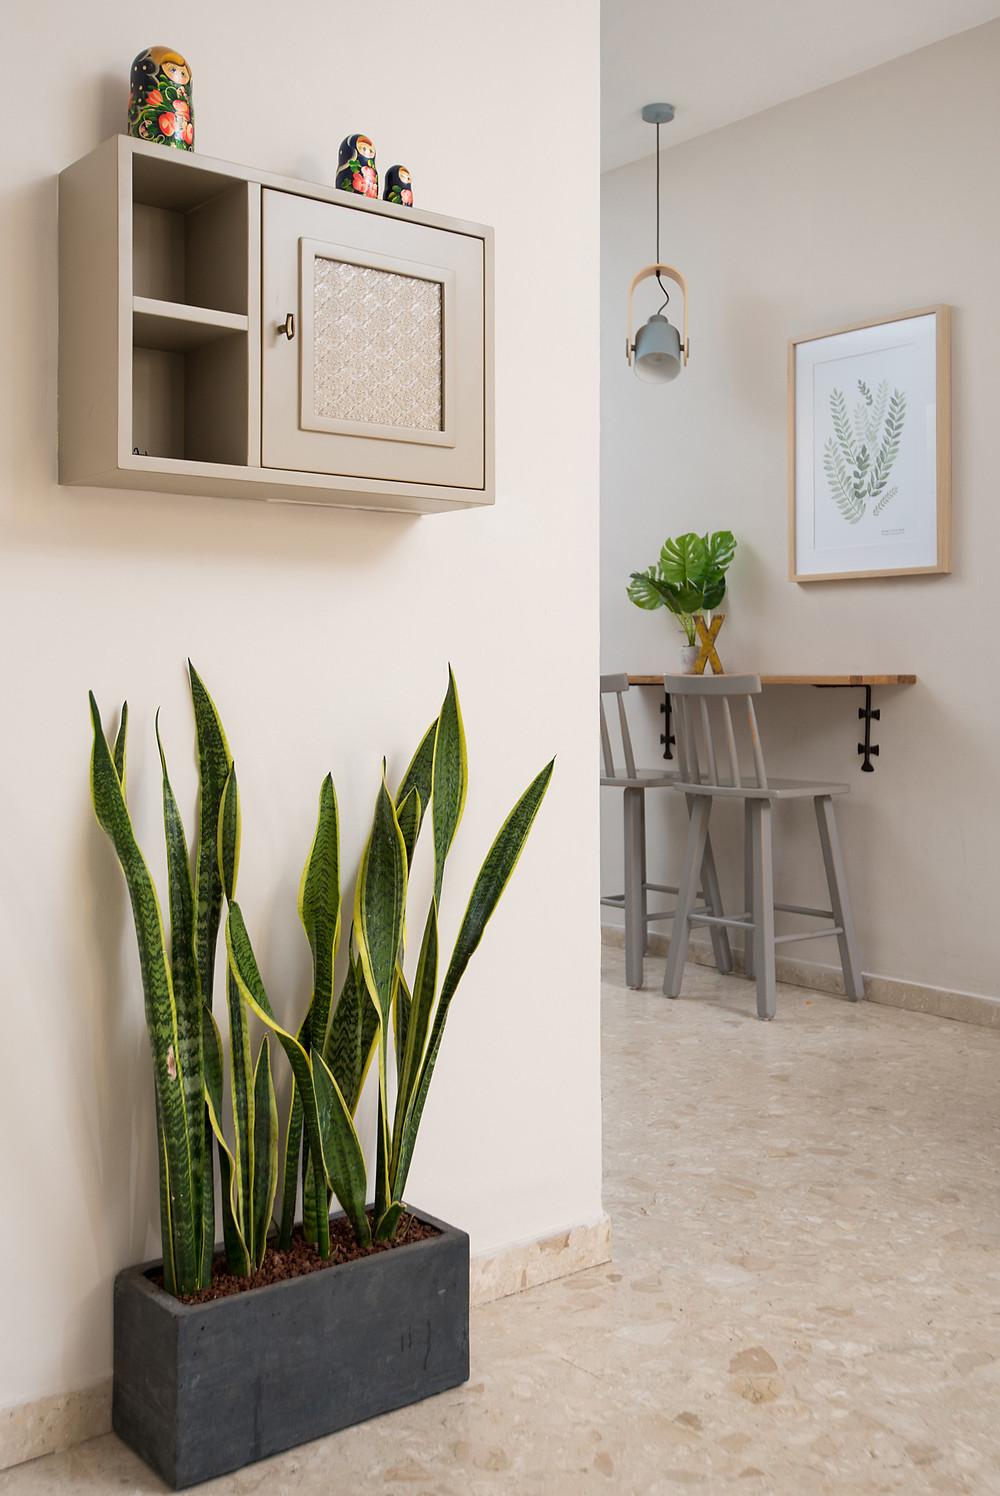 צמח עמיד ומשגע בחלל הבית